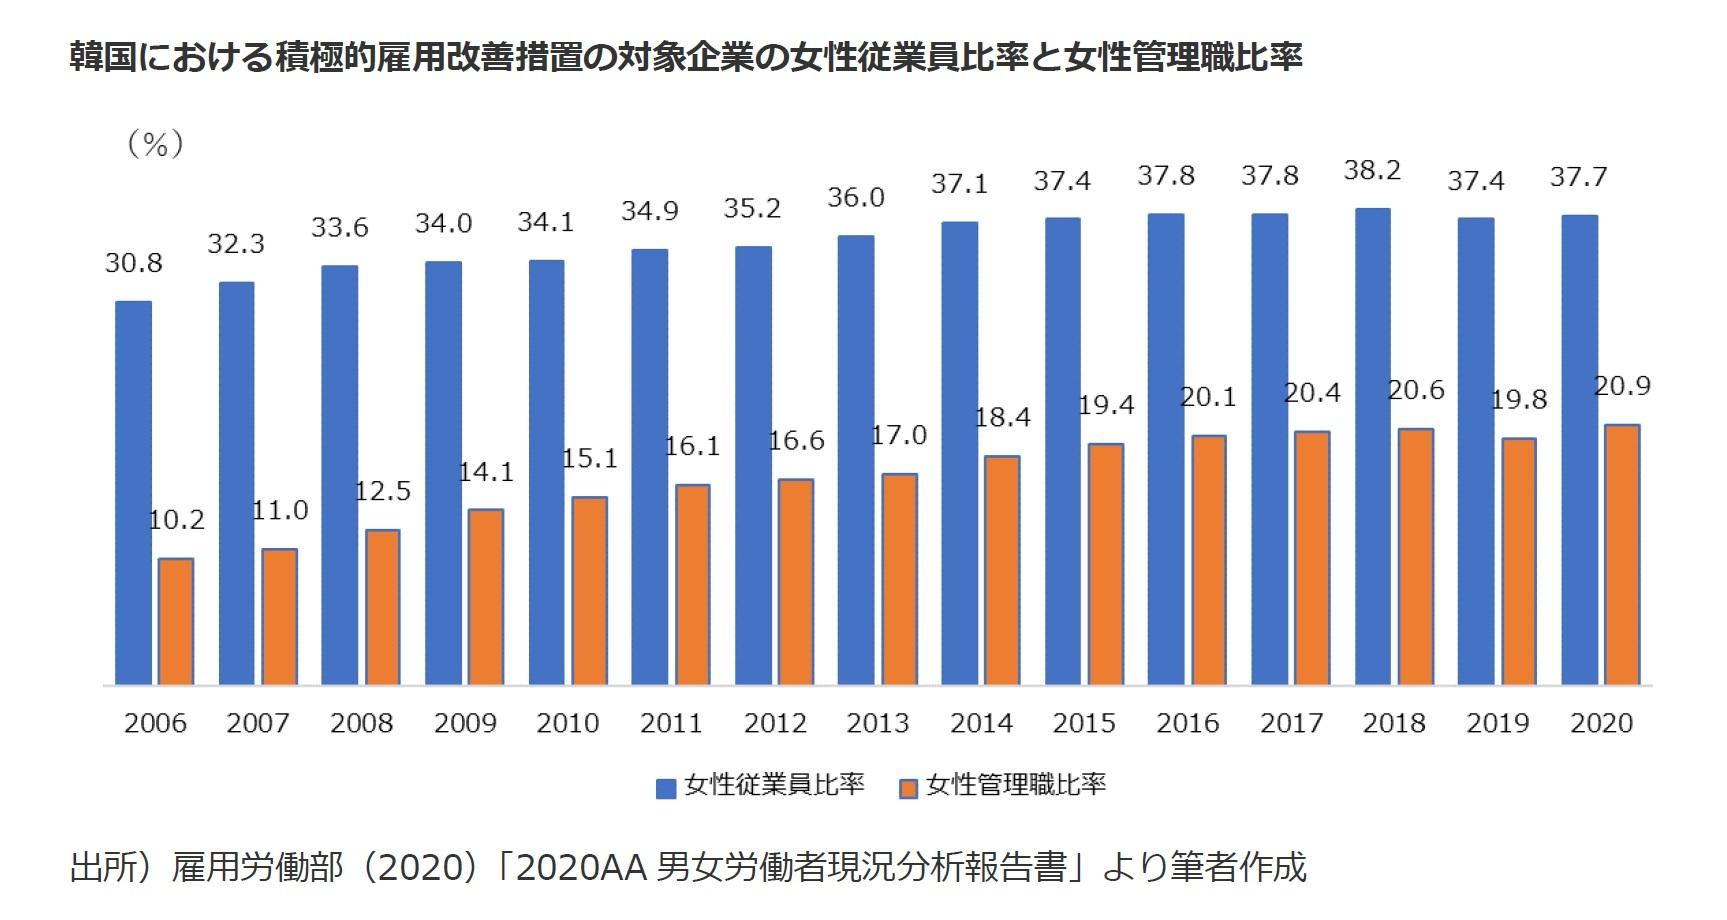 韓国における積極的雇用改善措置の対象企業の女性従業員比率と女性管理職比率